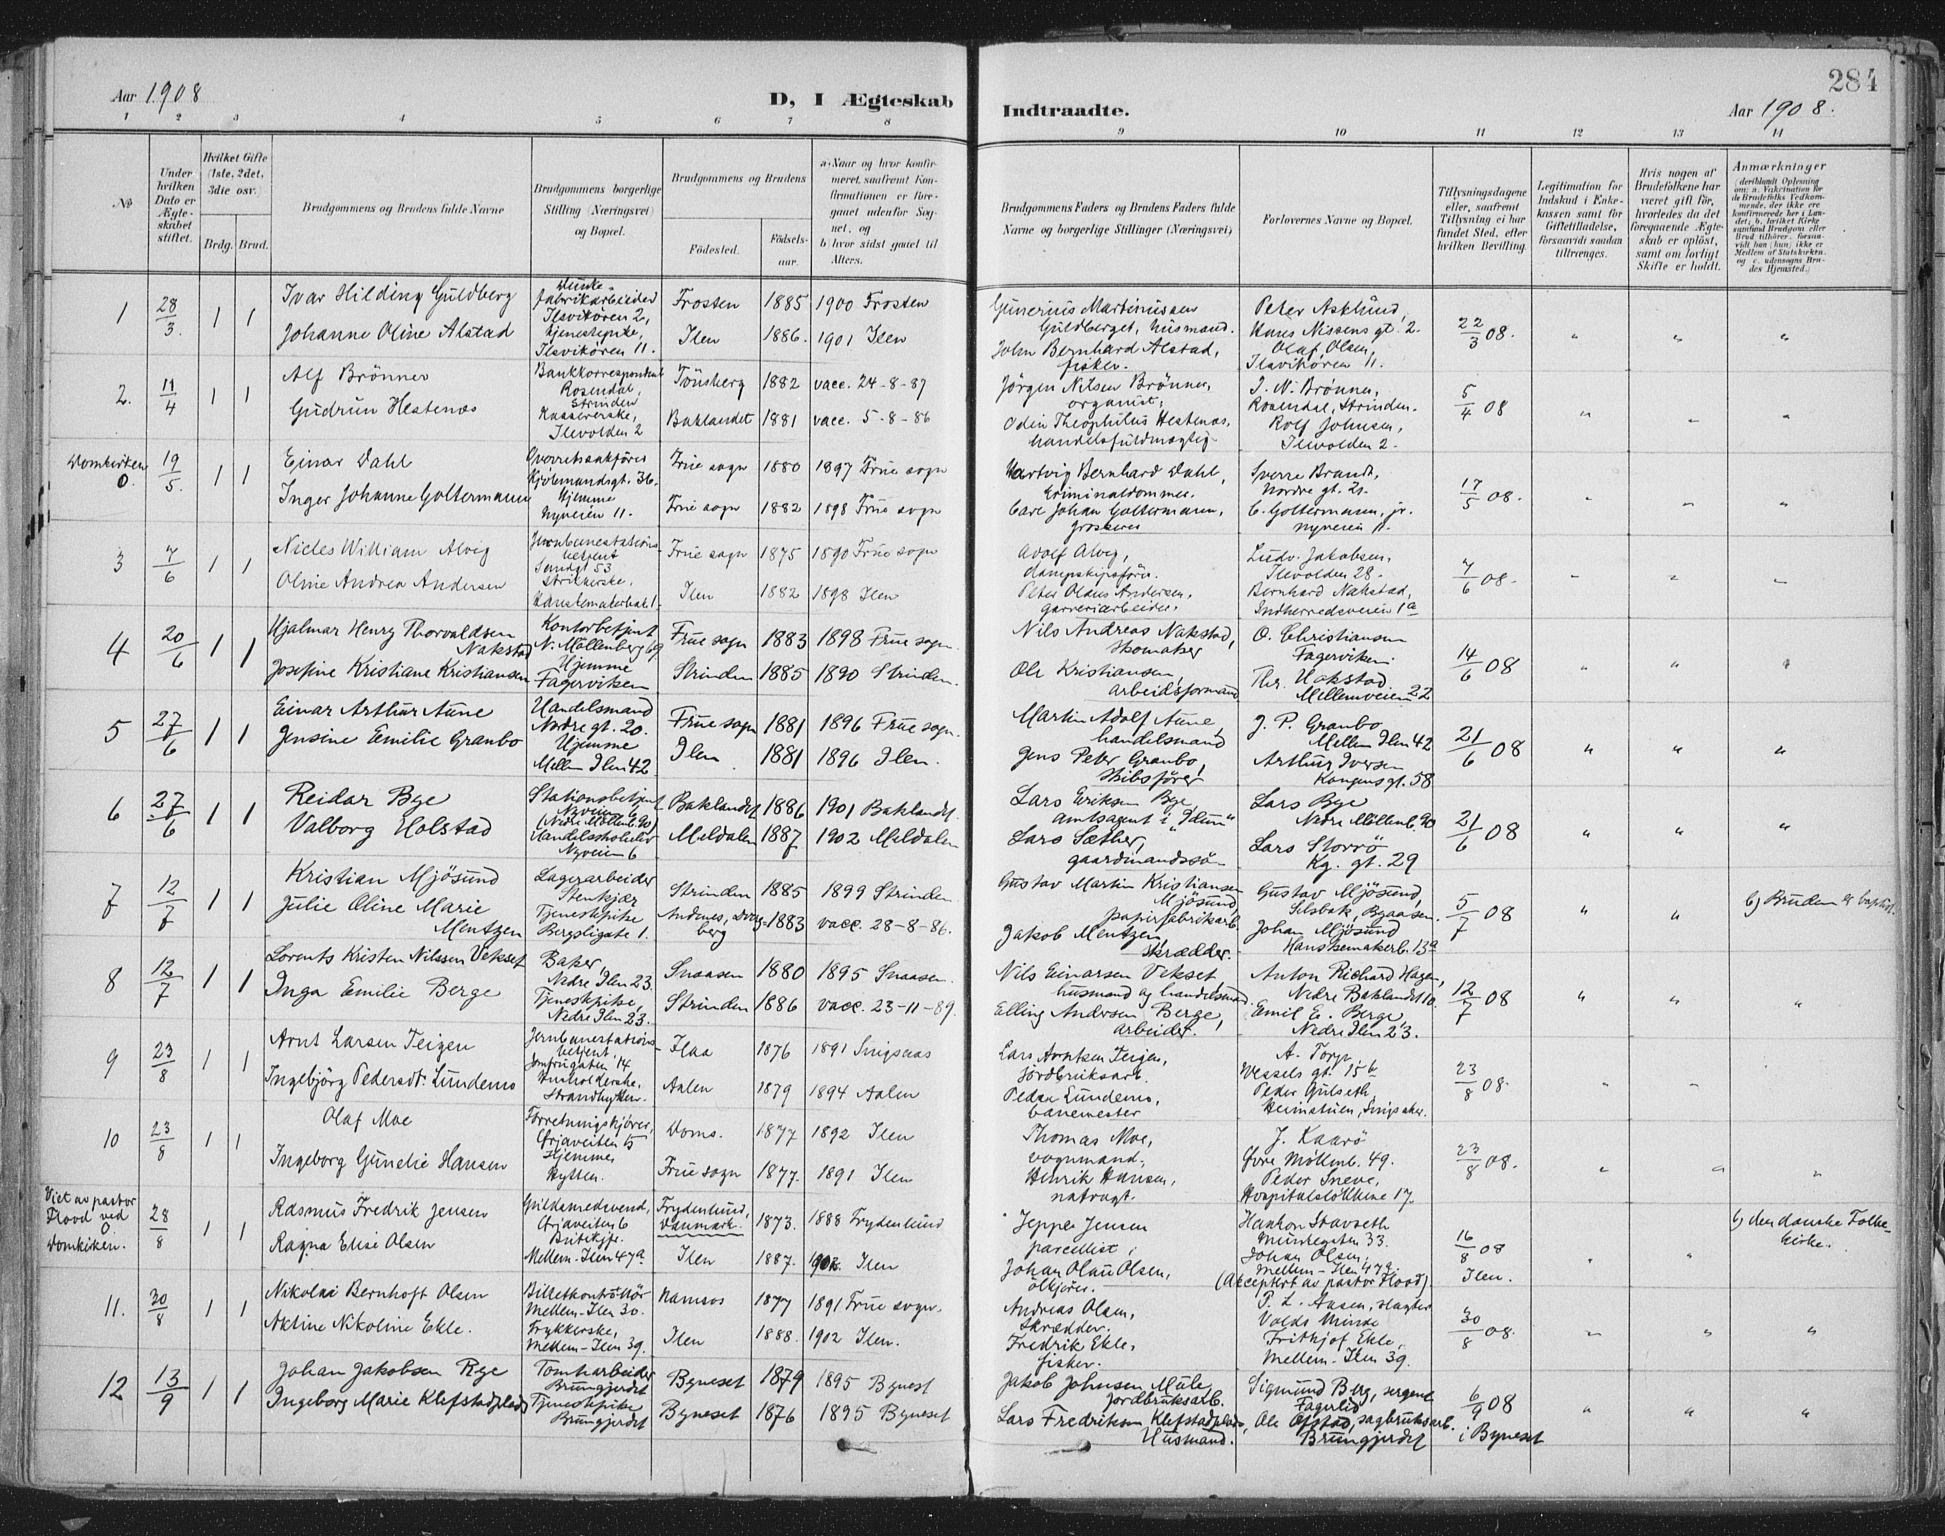 SAT, Ministerialprotokoller, klokkerbøker og fødselsregistre - Sør-Trøndelag, 603/L0167: Ministerialbok nr. 603A06, 1896-1932, s. 284